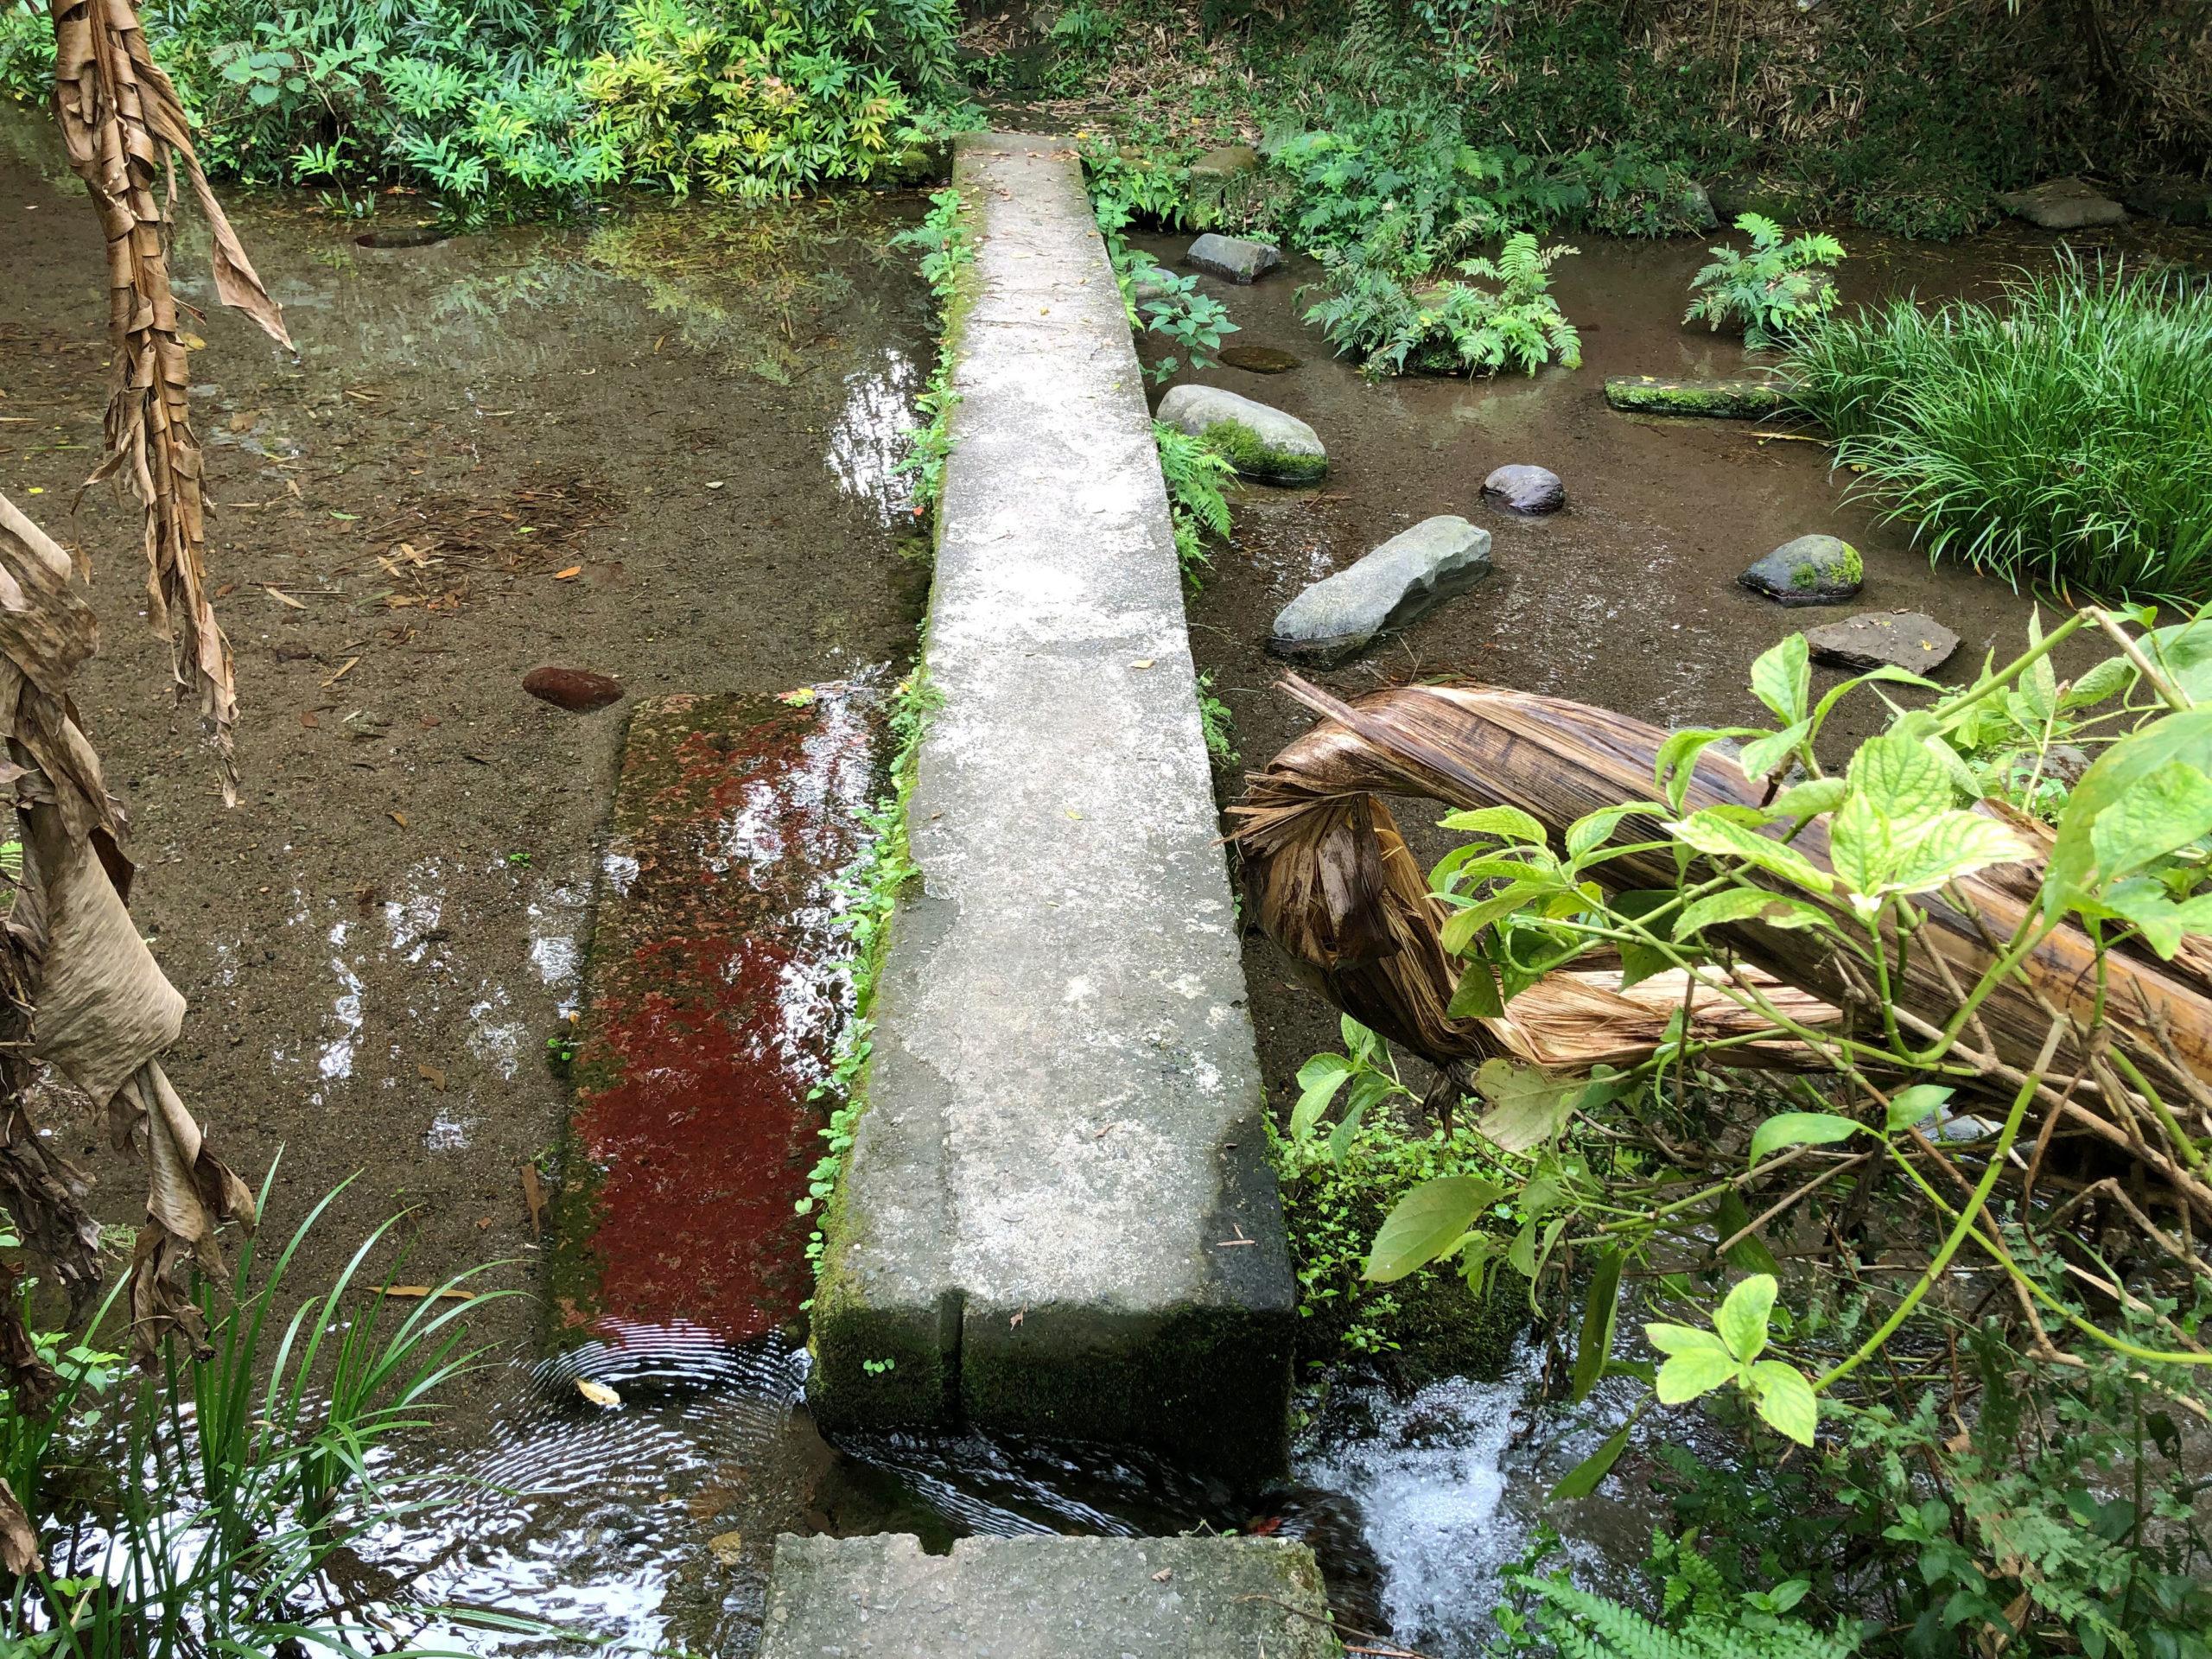 熊本市江津湖の不思議なスポットは小川を渡る歩道もある